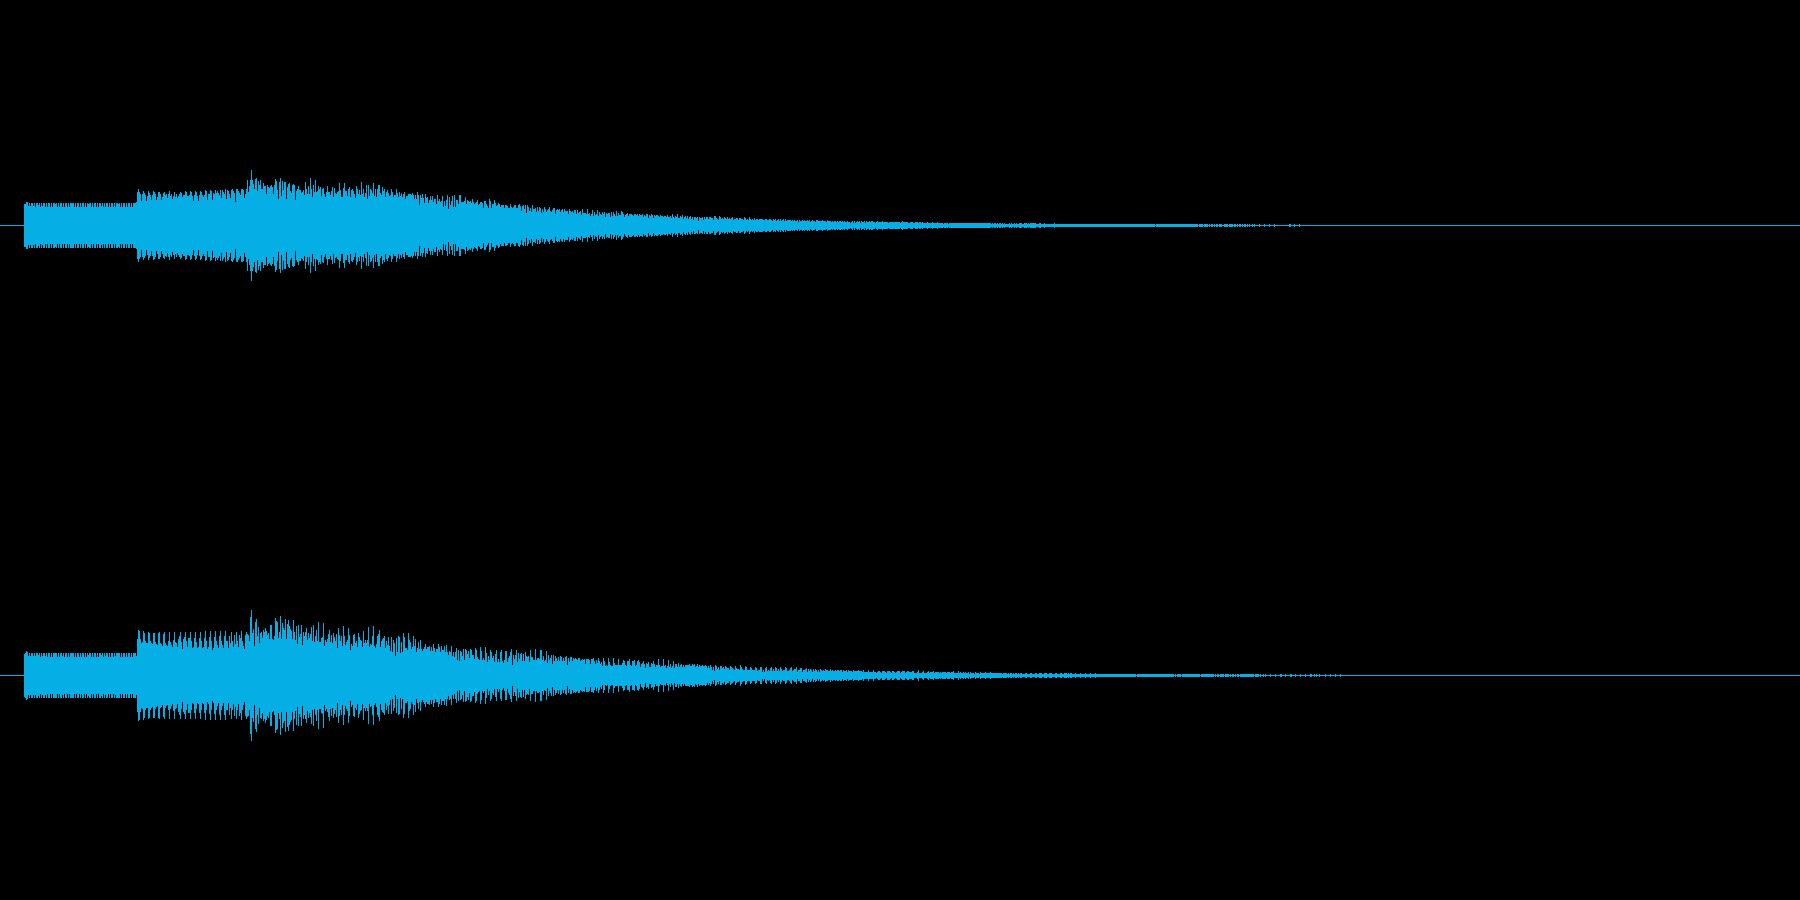 明るい響きの効果音ですの再生済みの波形